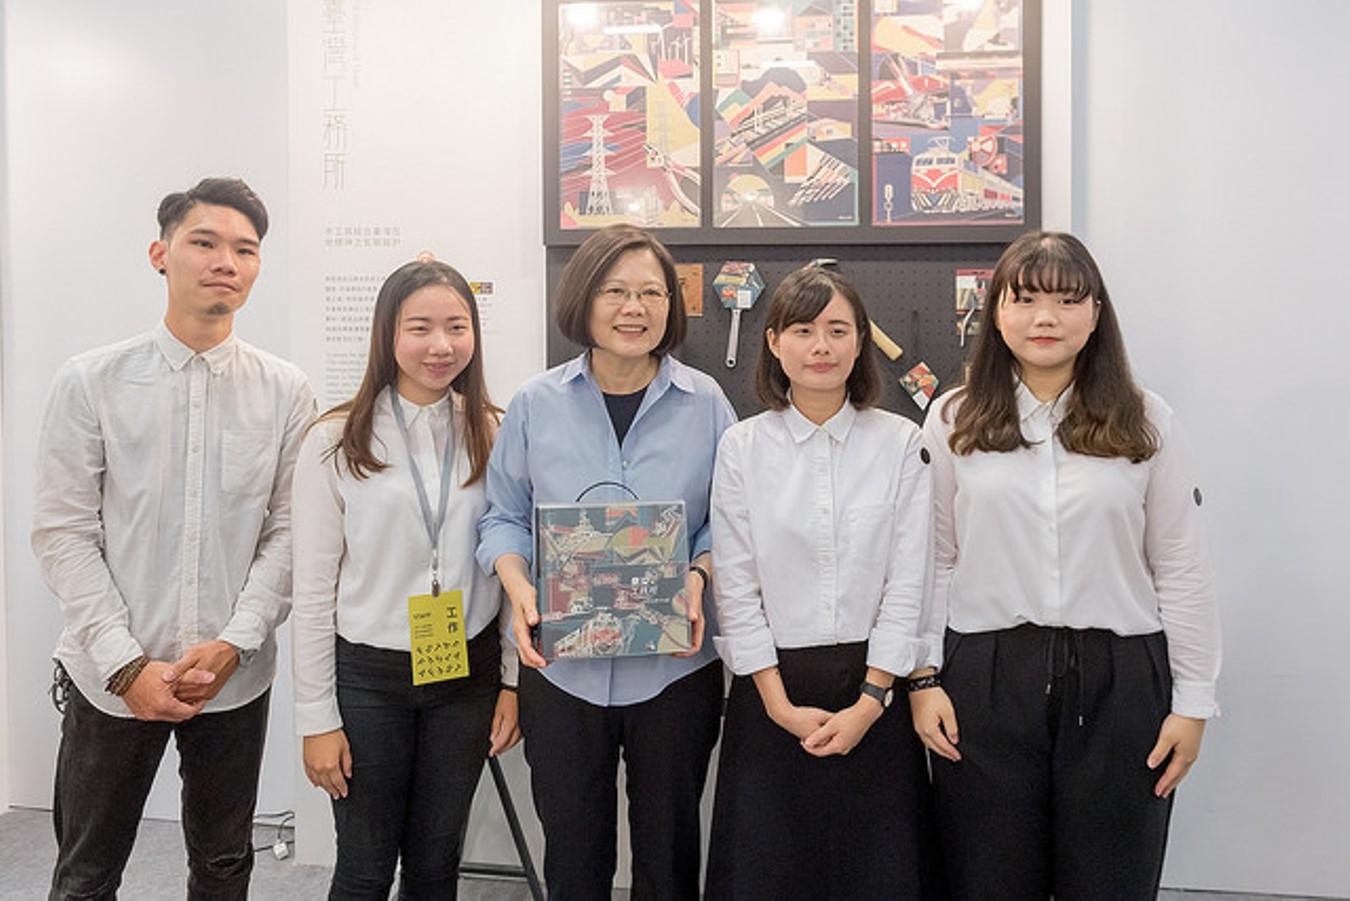 參觀「新一代設計展」 總統肯定年輕世代的設計實力